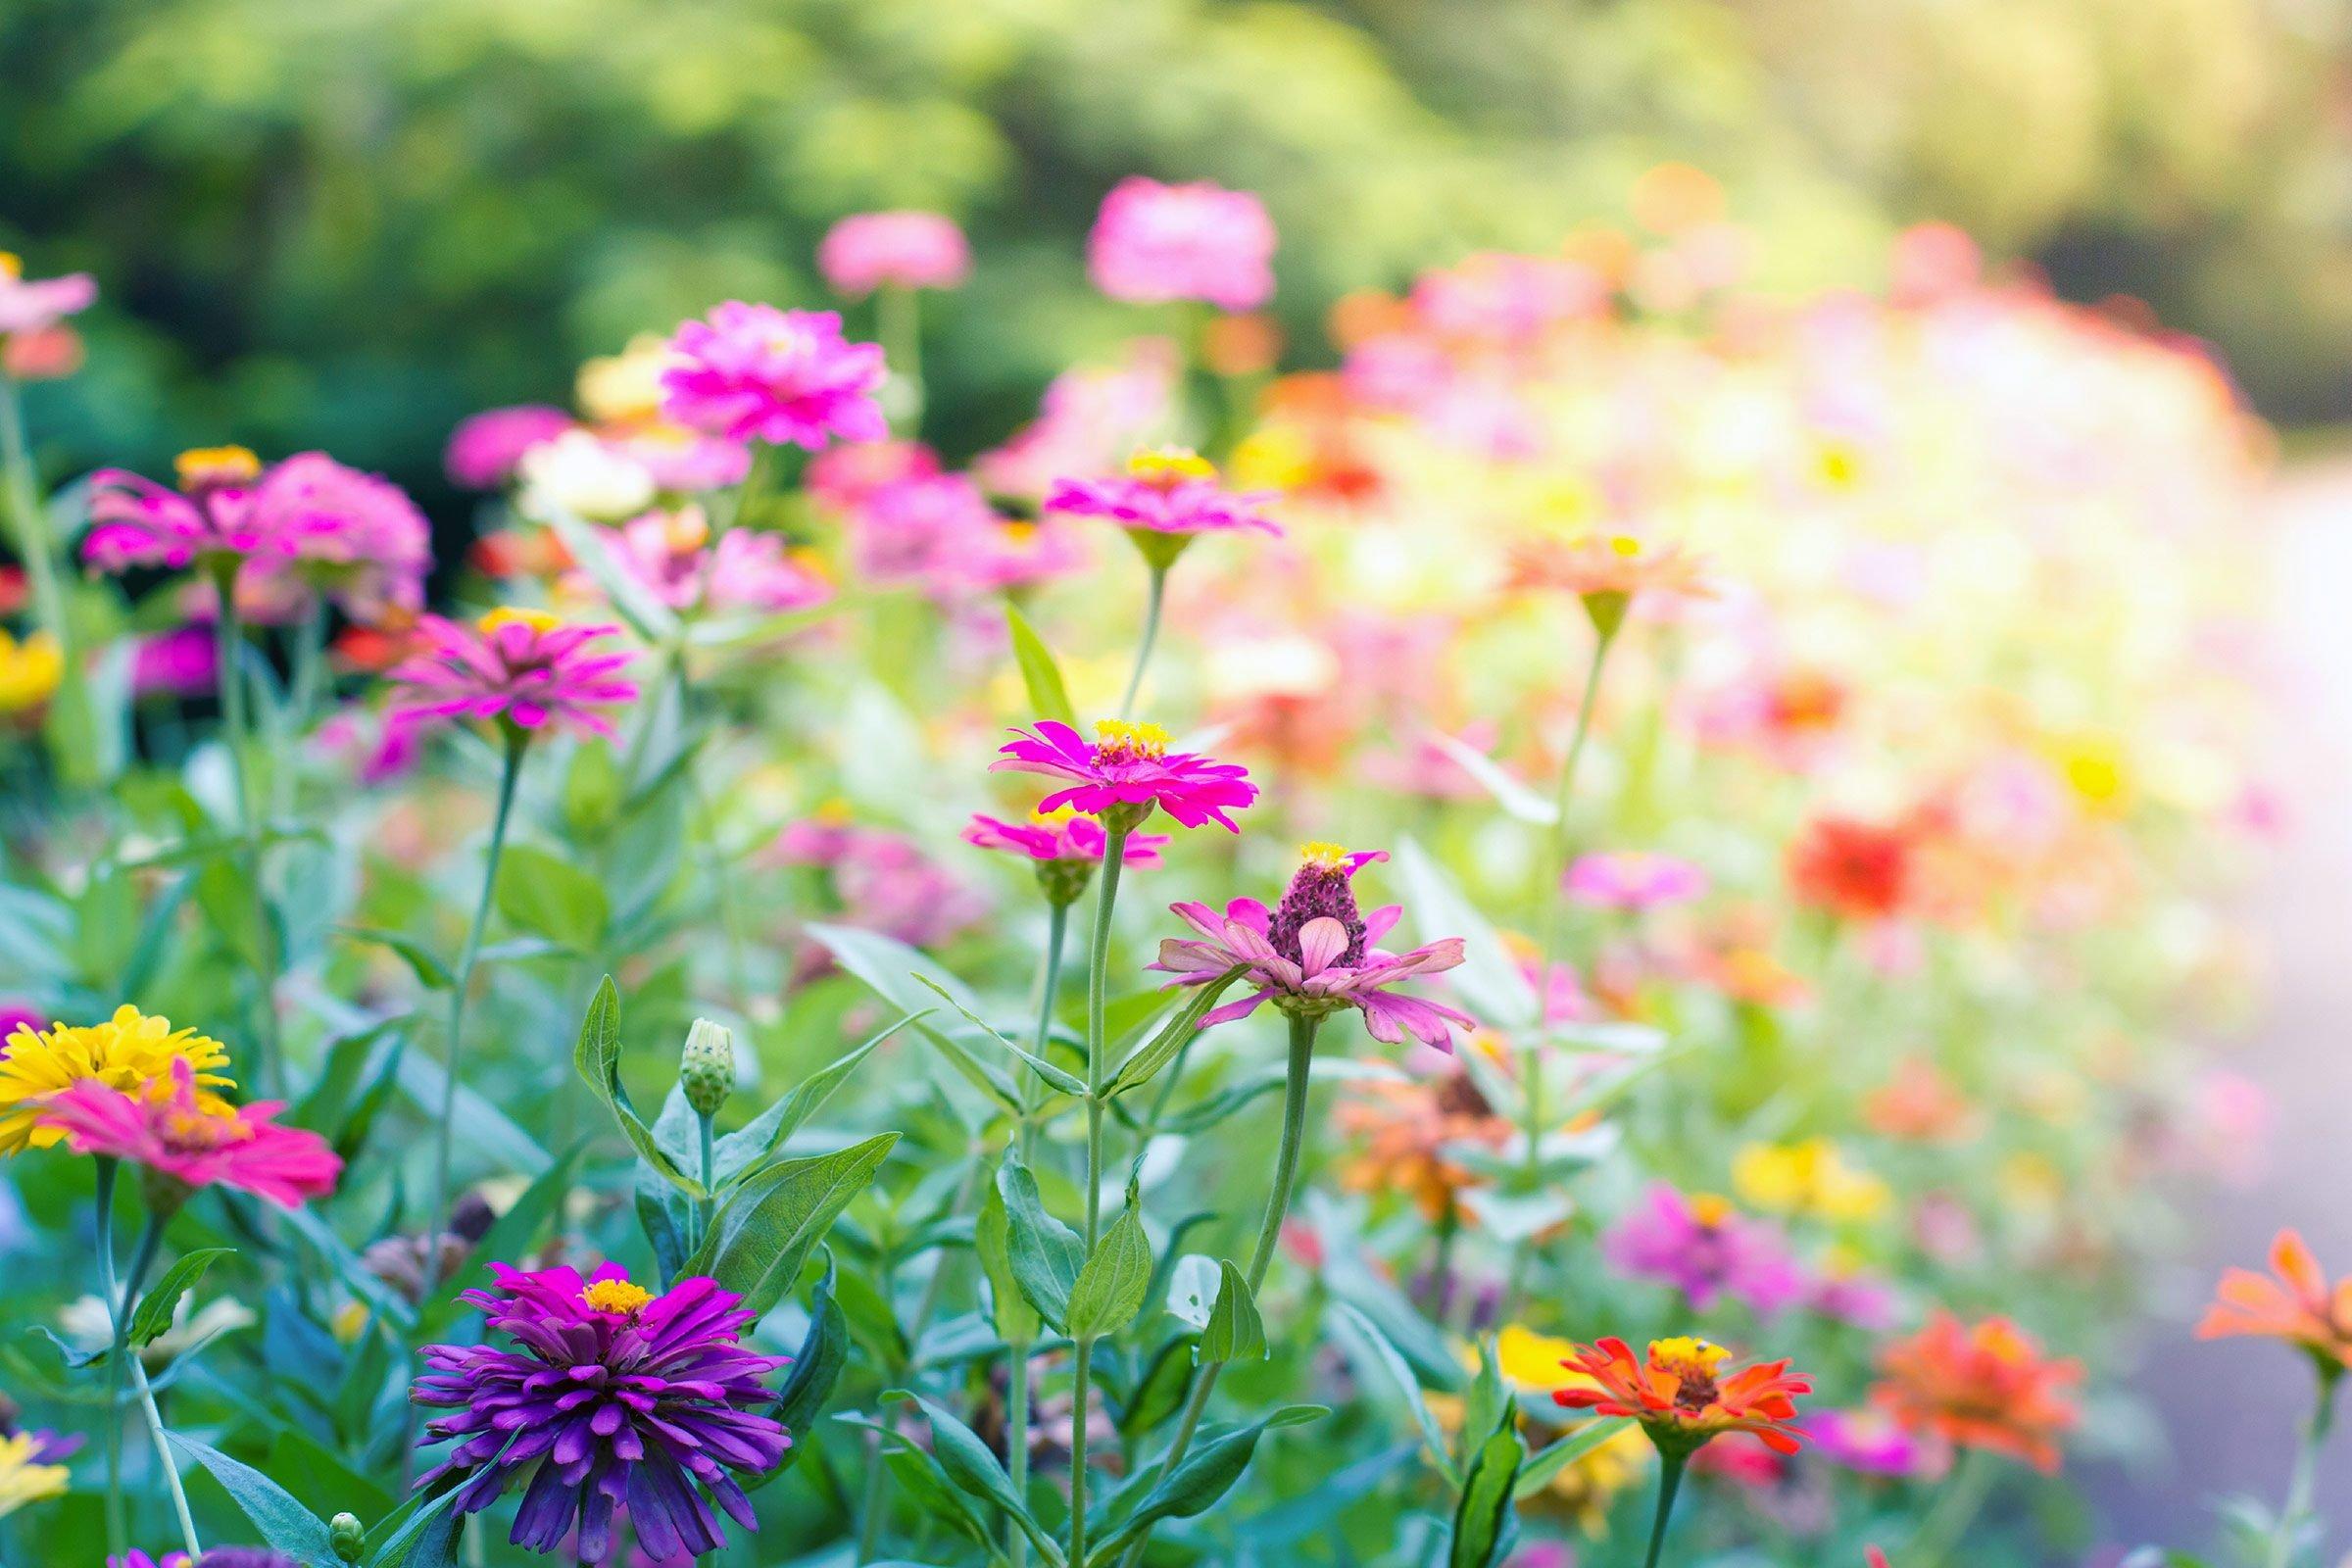 grow a butterfly garden 8 easy tips reader u0027s digest